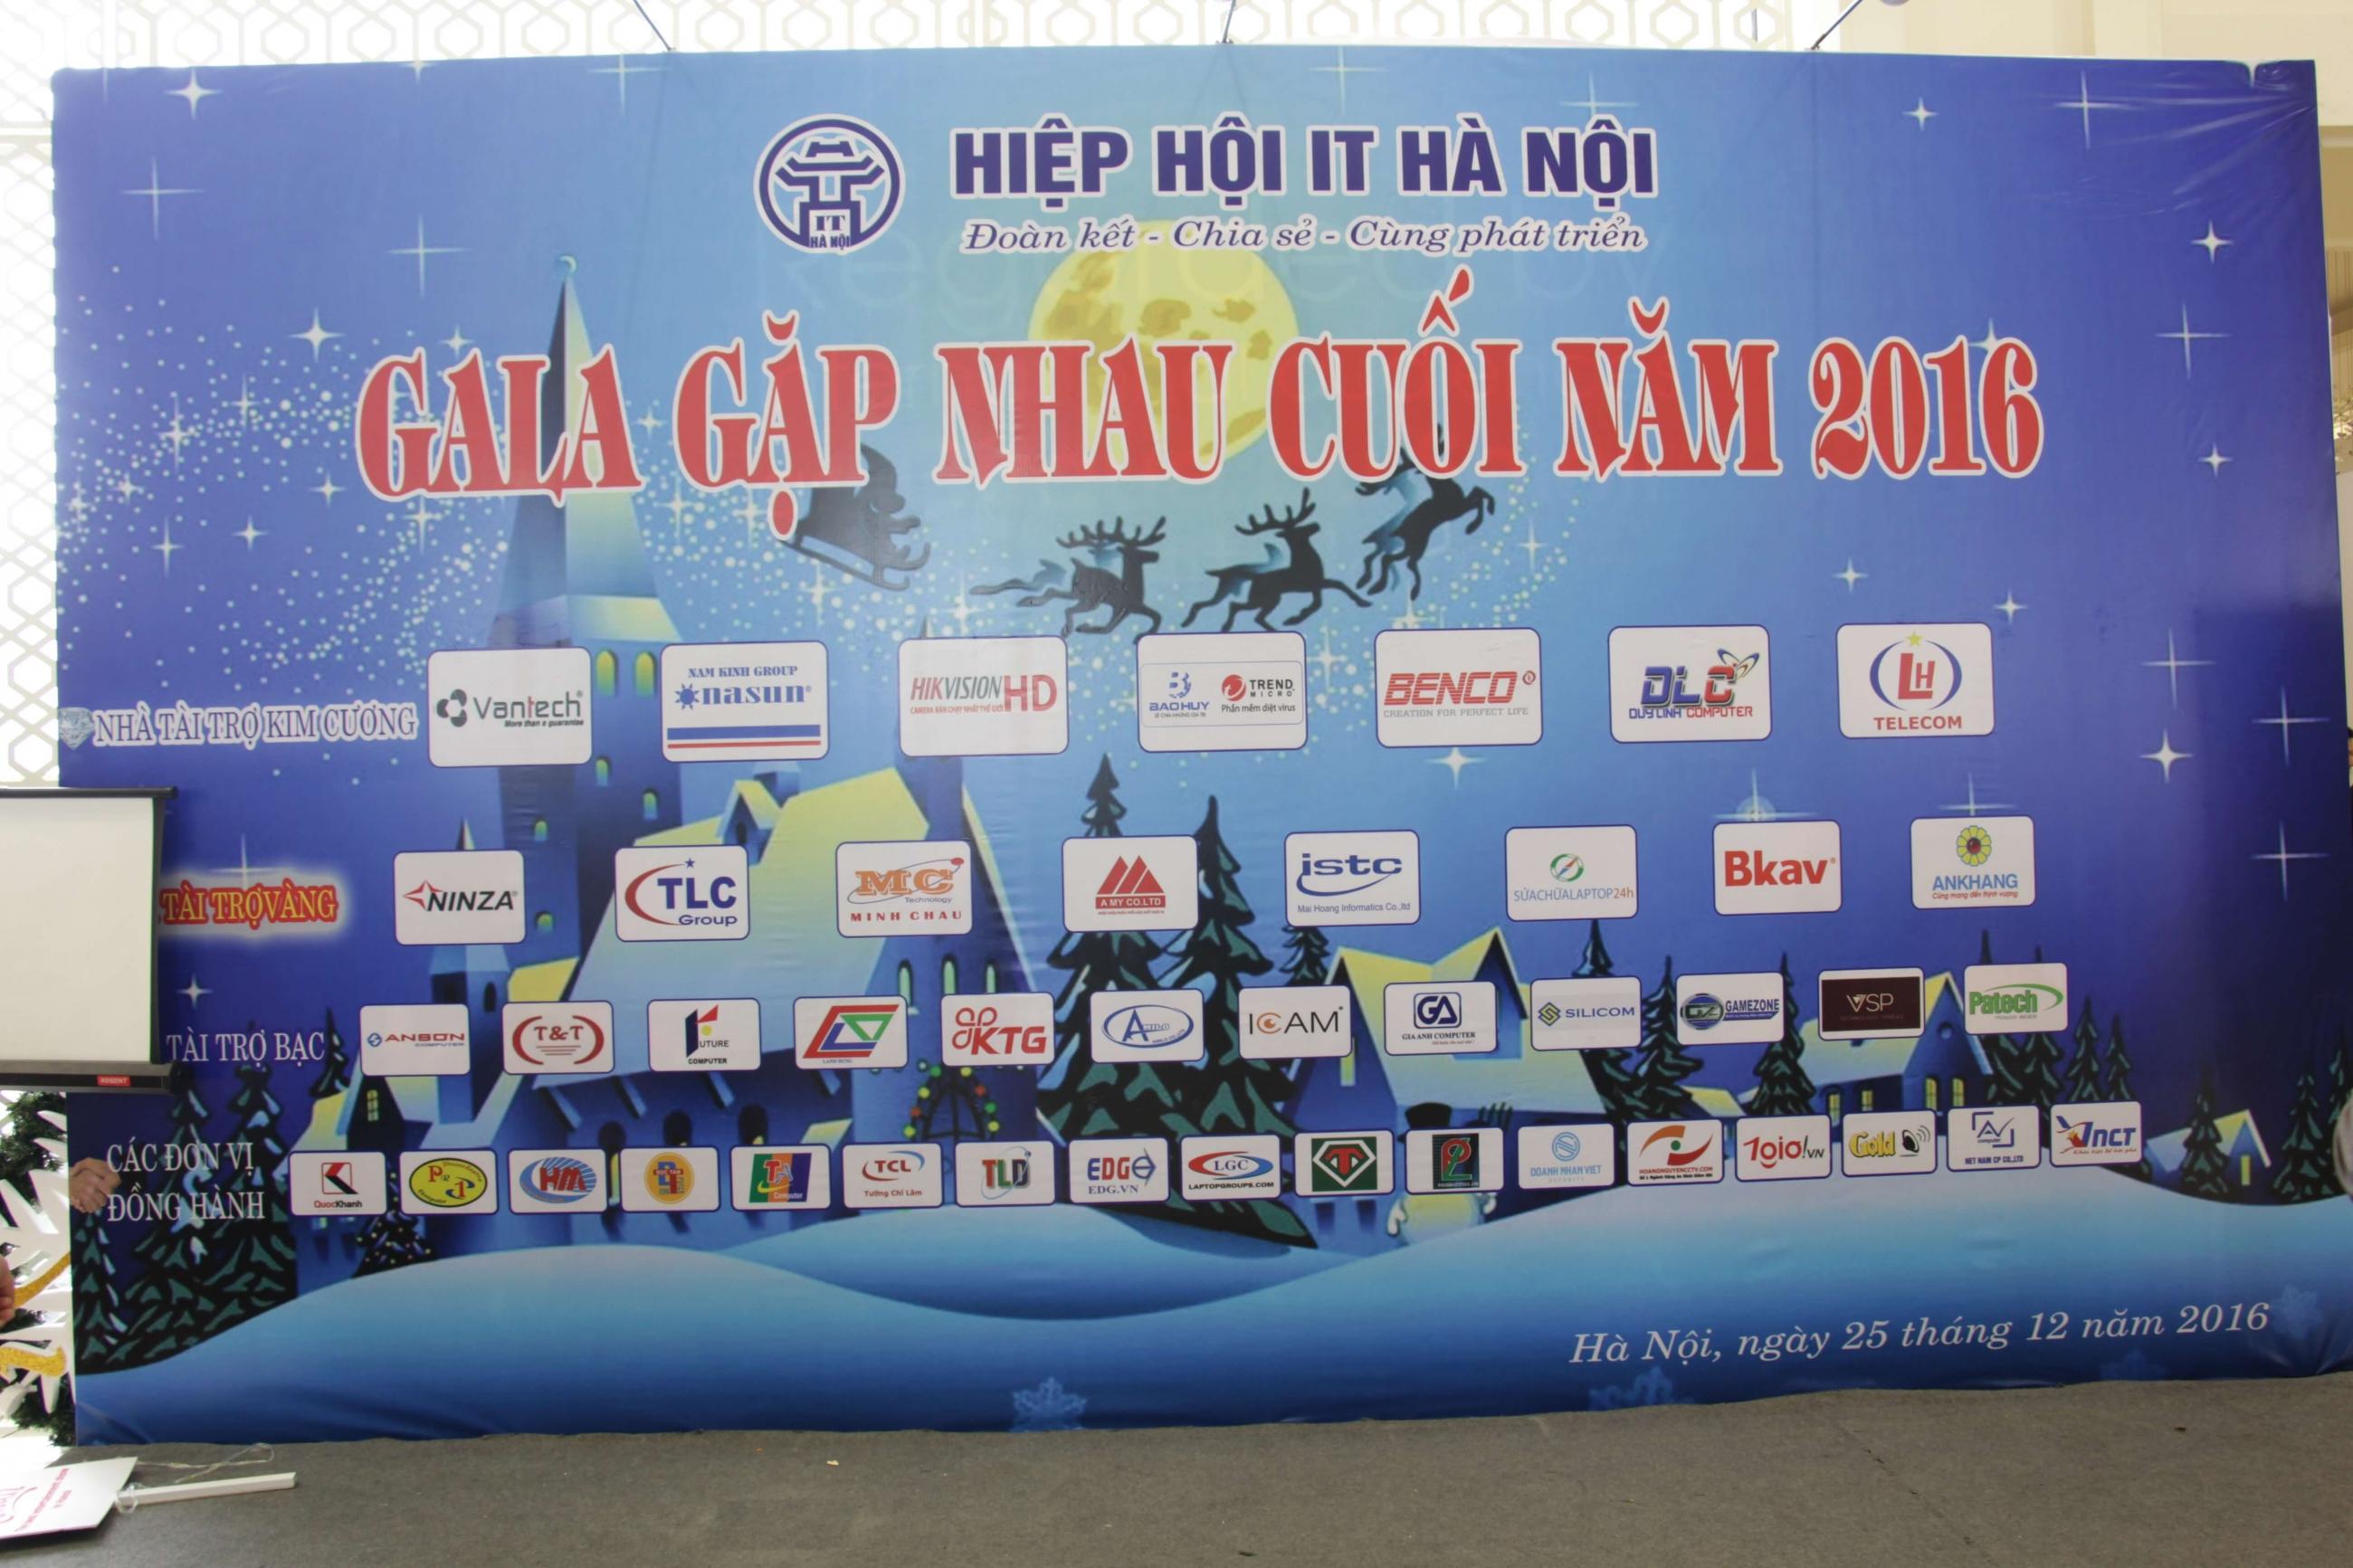 Danh sách các nhà tài trợ và đơn vị đồng hành cùng Gala